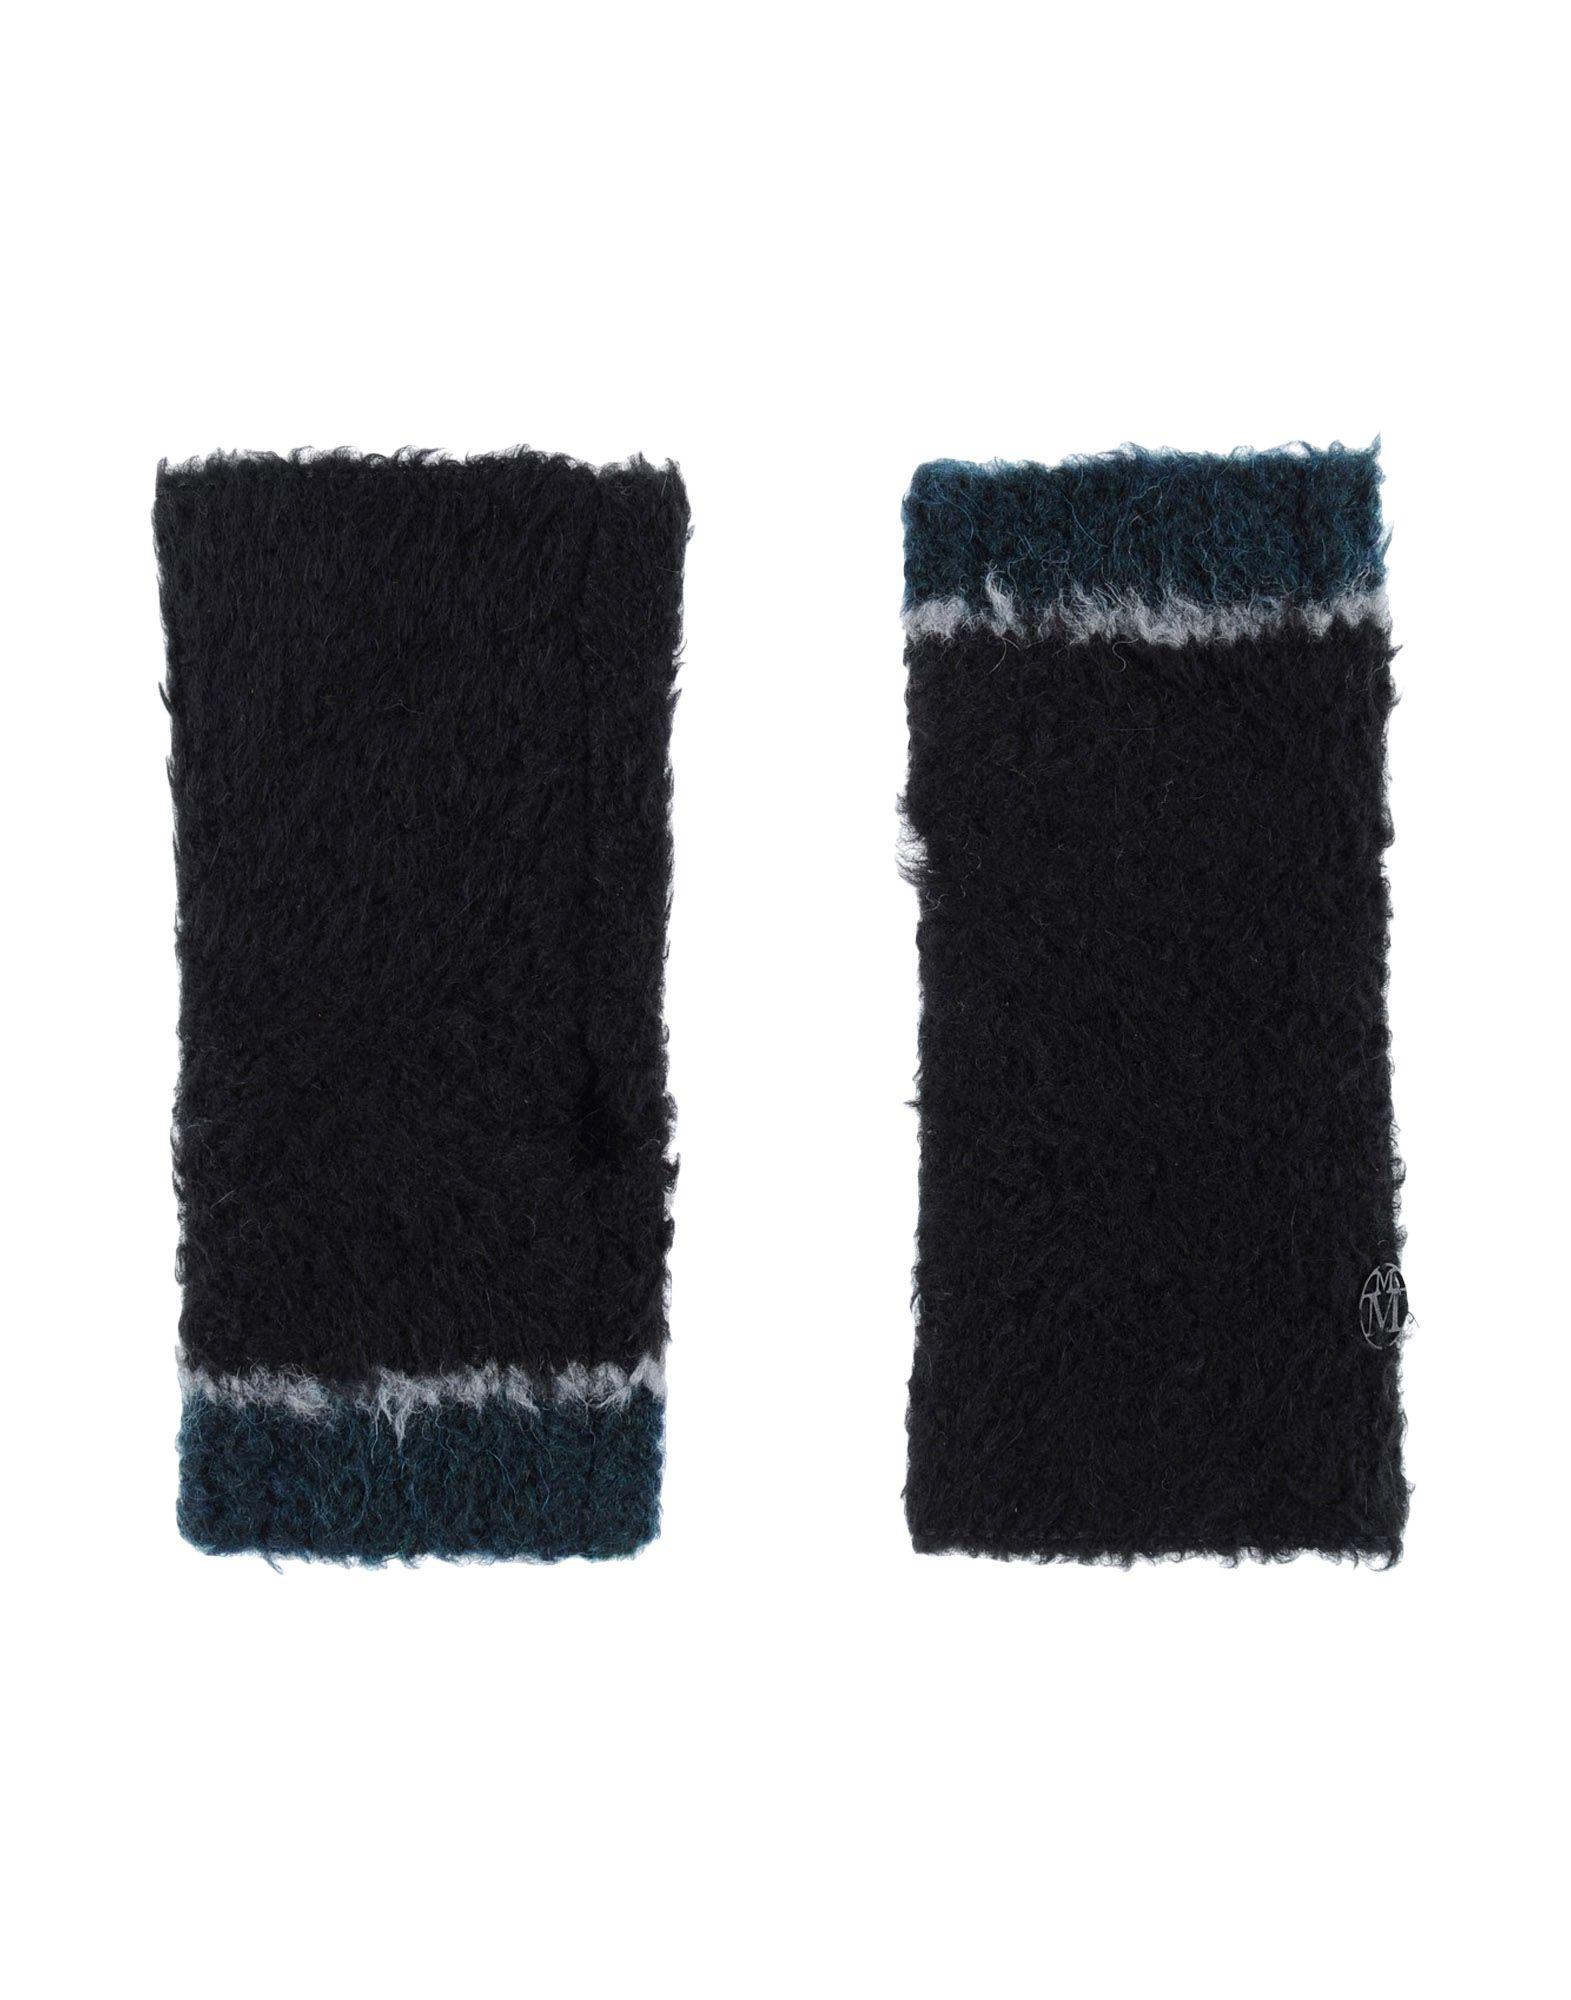 MAISON MICHEL Damen Handschuhe Farbe Schwarz Größe 1 - broschei